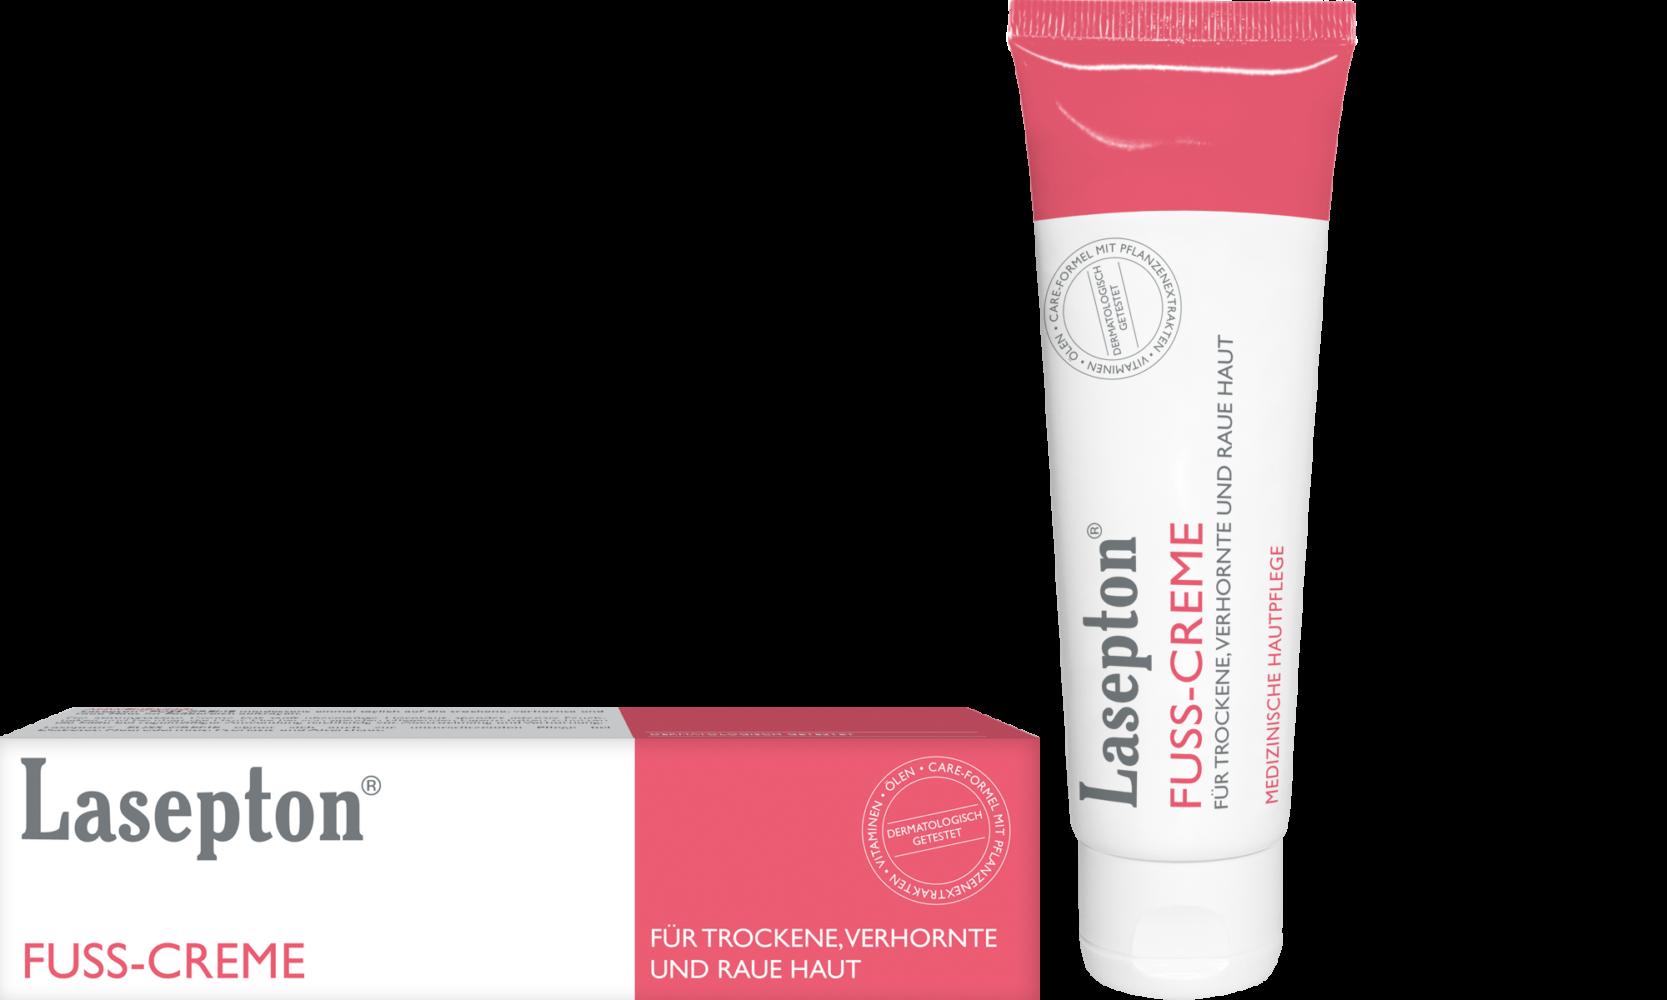 Lasepton® Fuss-Creme